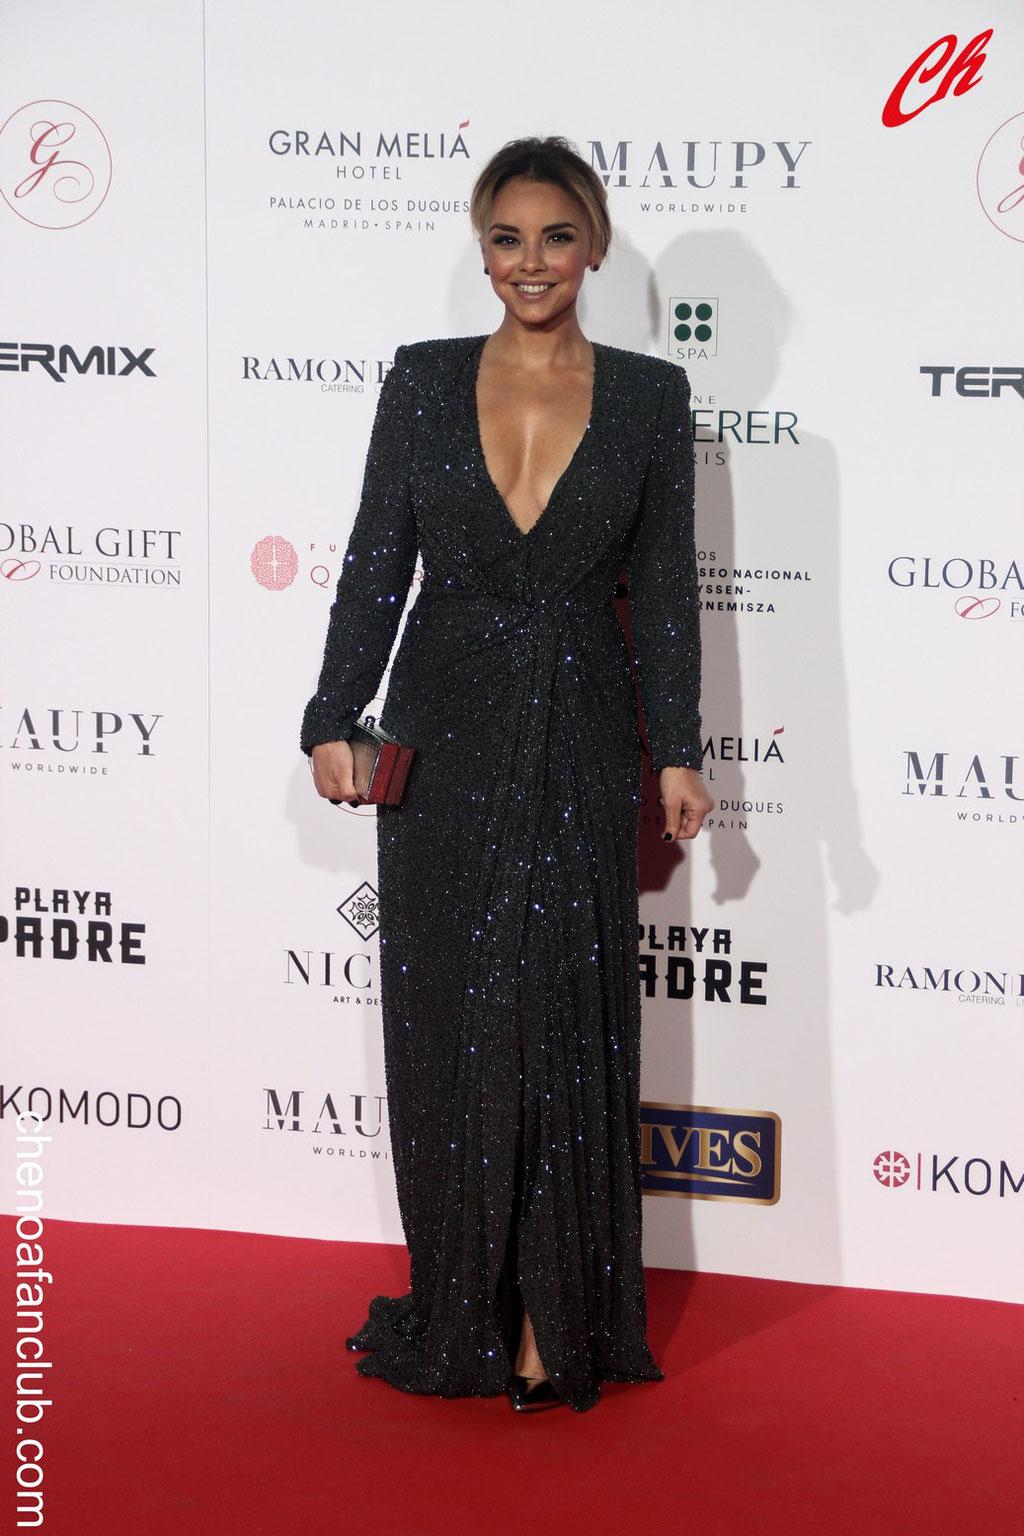 Gala Global Gift Madrid 22/03/2018 - Fotos Celia de la Vega